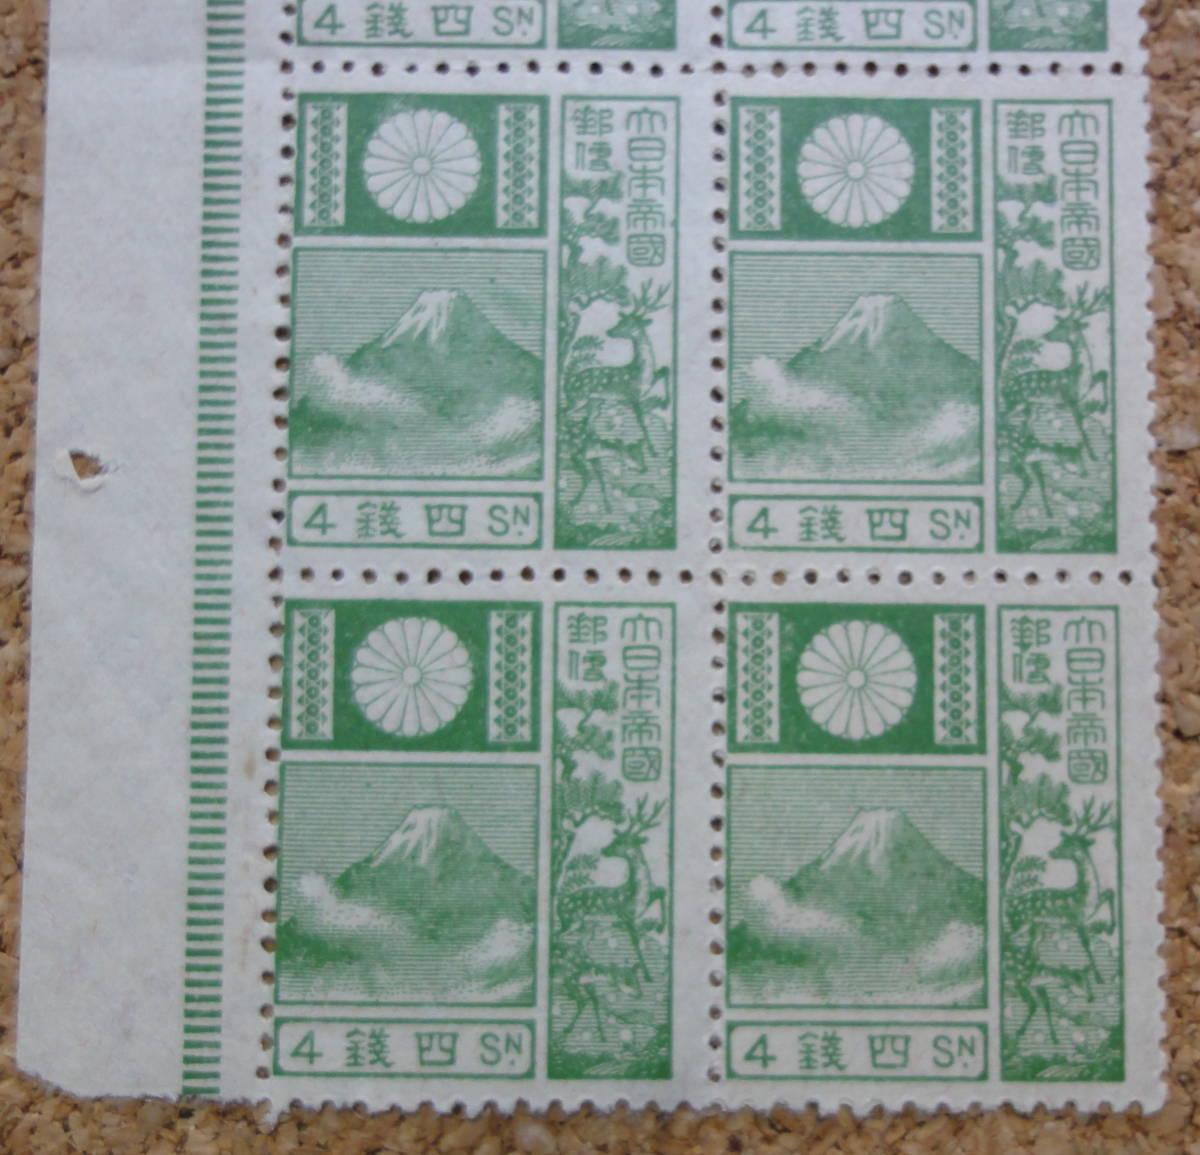 日本切手 旧版 富士鹿 4銭切手x10枚(内2枚が張り付き有り)  アンティーク未使用品20191007C_画像4